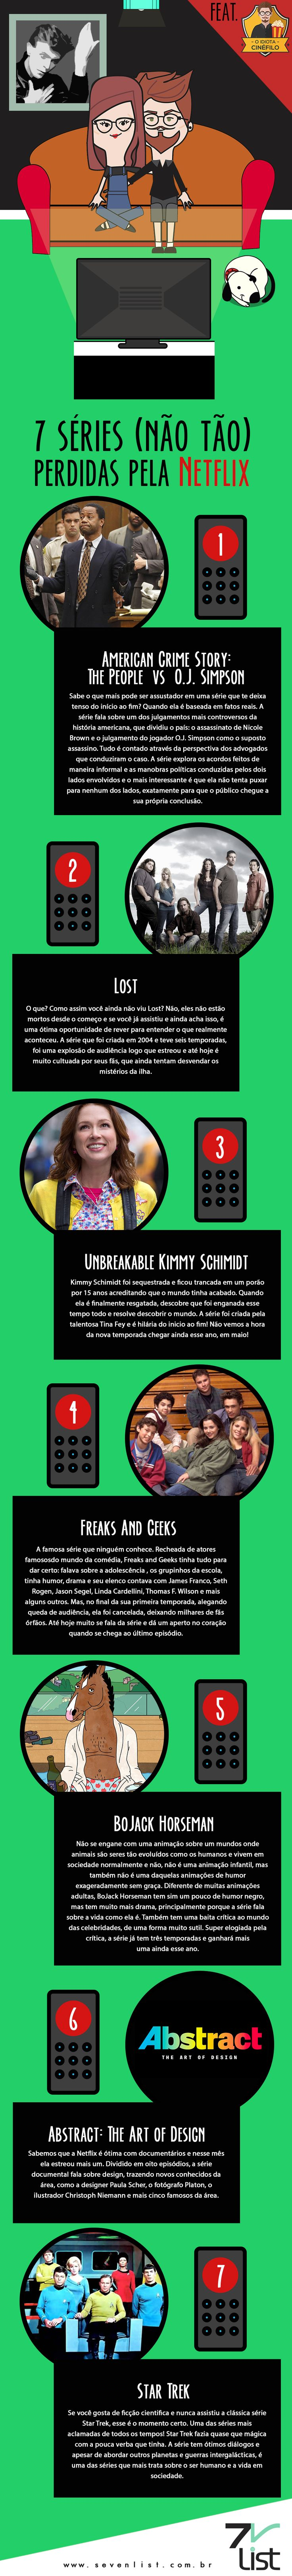 Nós sabemos o quanto você ama dicas do que assistir na Netflix, e nós também. Hoje o Idiota Cinéfilo listou 7 séries (Não tão) perdidas pela Netflix que vocês precisa ver. #SevenList #Blog #Brasil #Tvshow #OdiotaCinéfilo #Netflix #DicasNetflix #Séries #Maratona #Tv #Love #DicasdeSerie